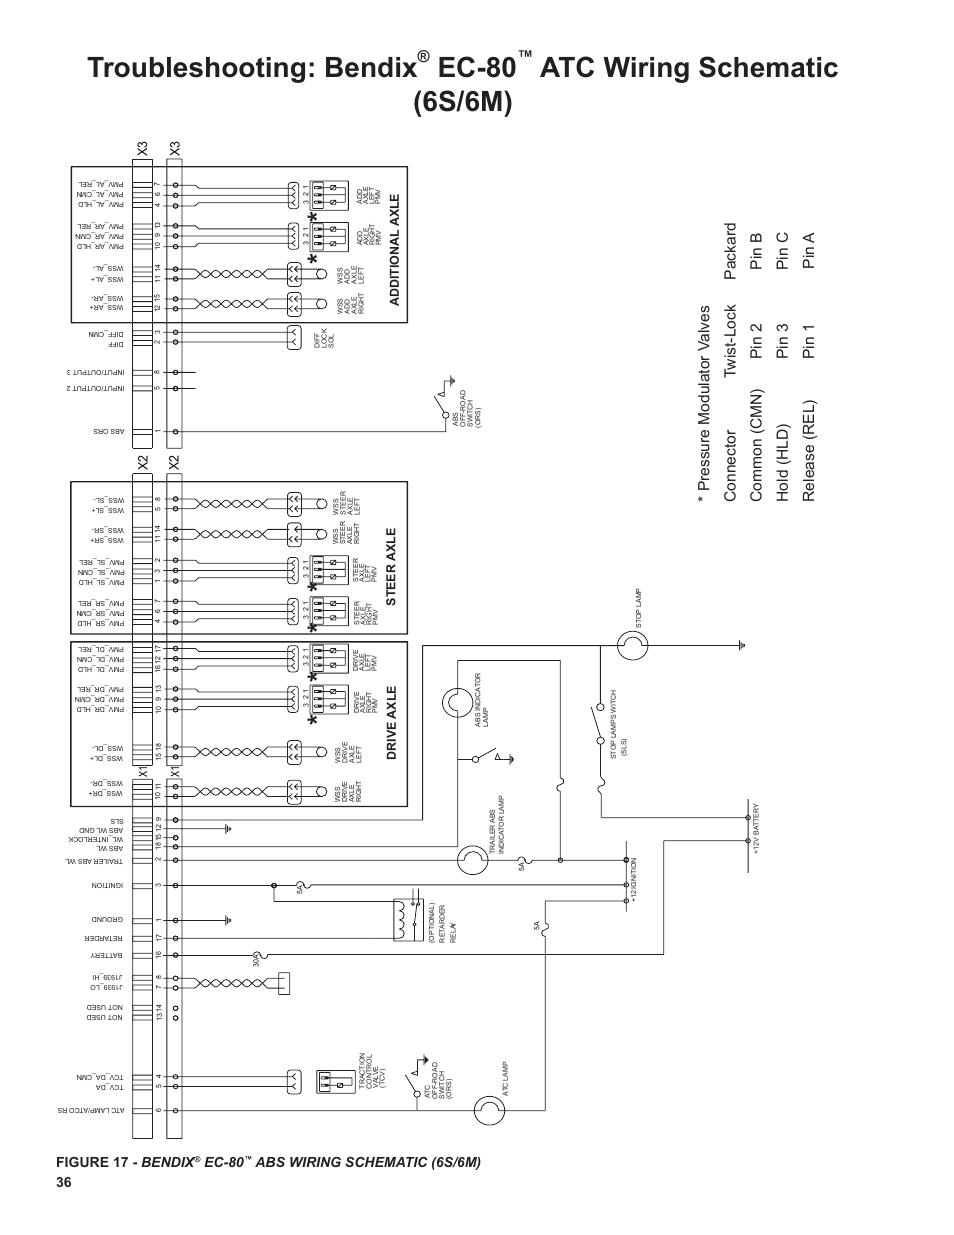 hight resolution of bendix wiring schematic diagram data schema bendix air brake valve diagram bendix wiring diagram diagram data